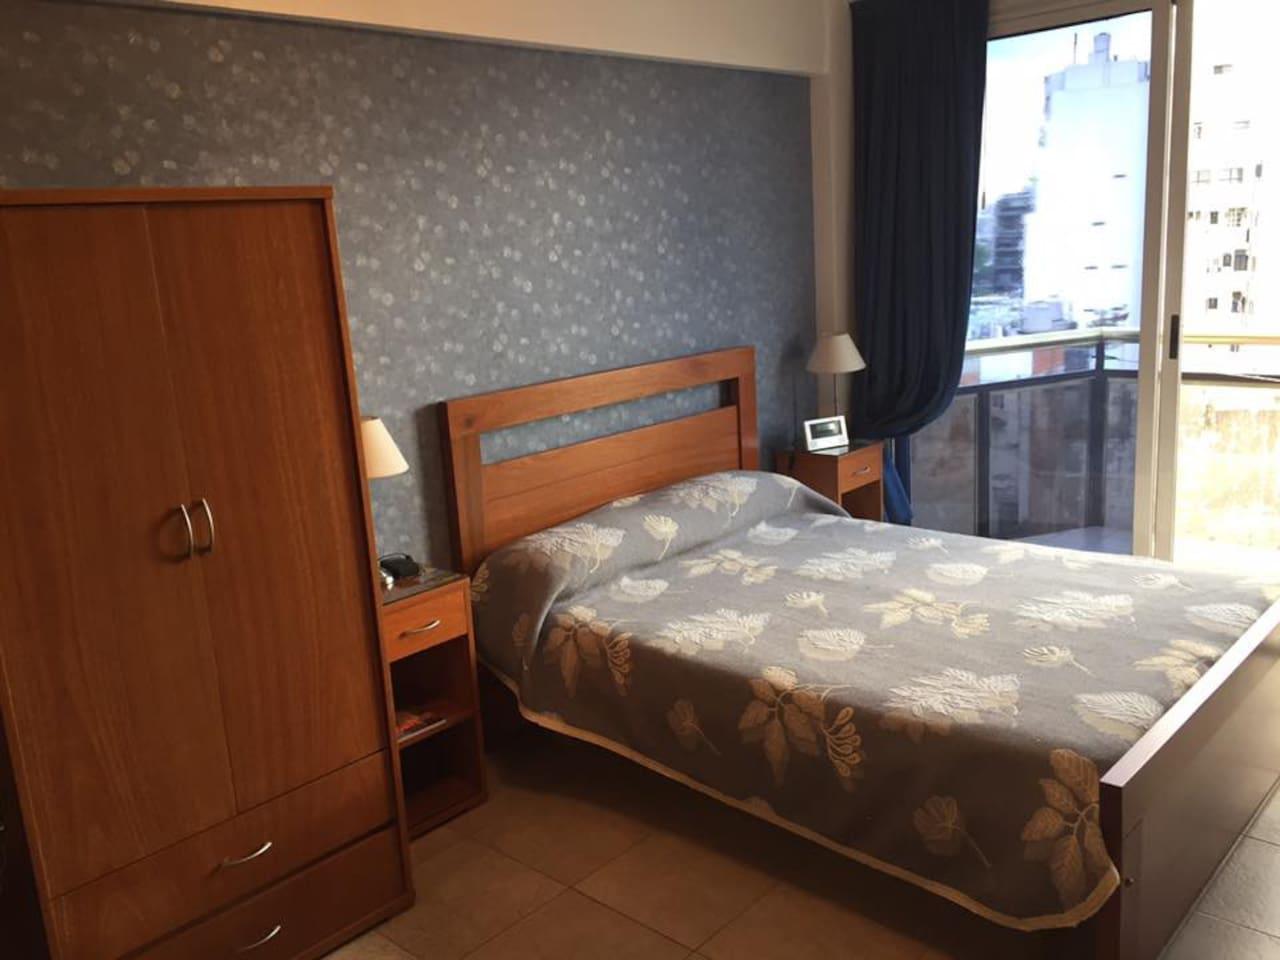 cama 2 plazas sobre el ventanal del balcon